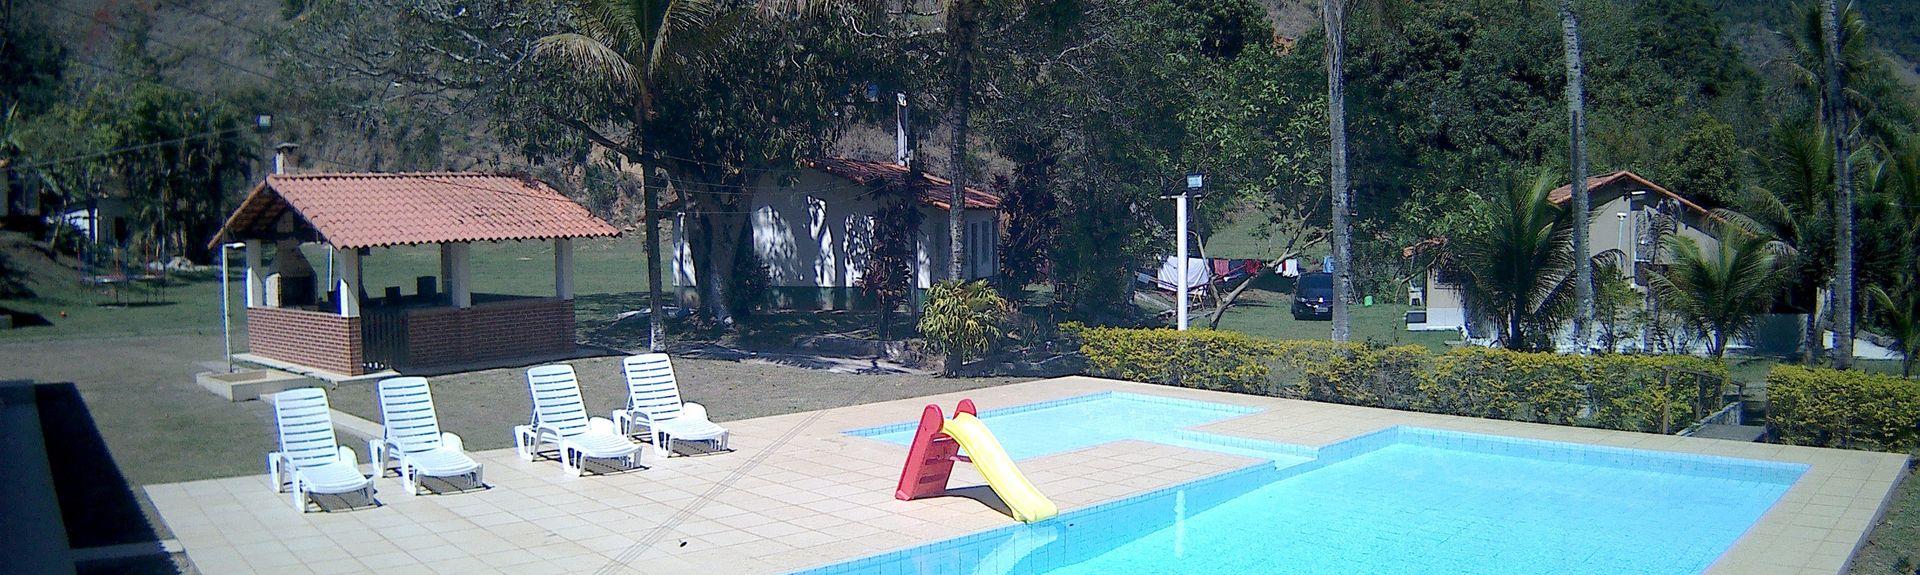 Barra Mansa, Vale do Paraíba Fluminense, Rio de Janeiro, Brazil